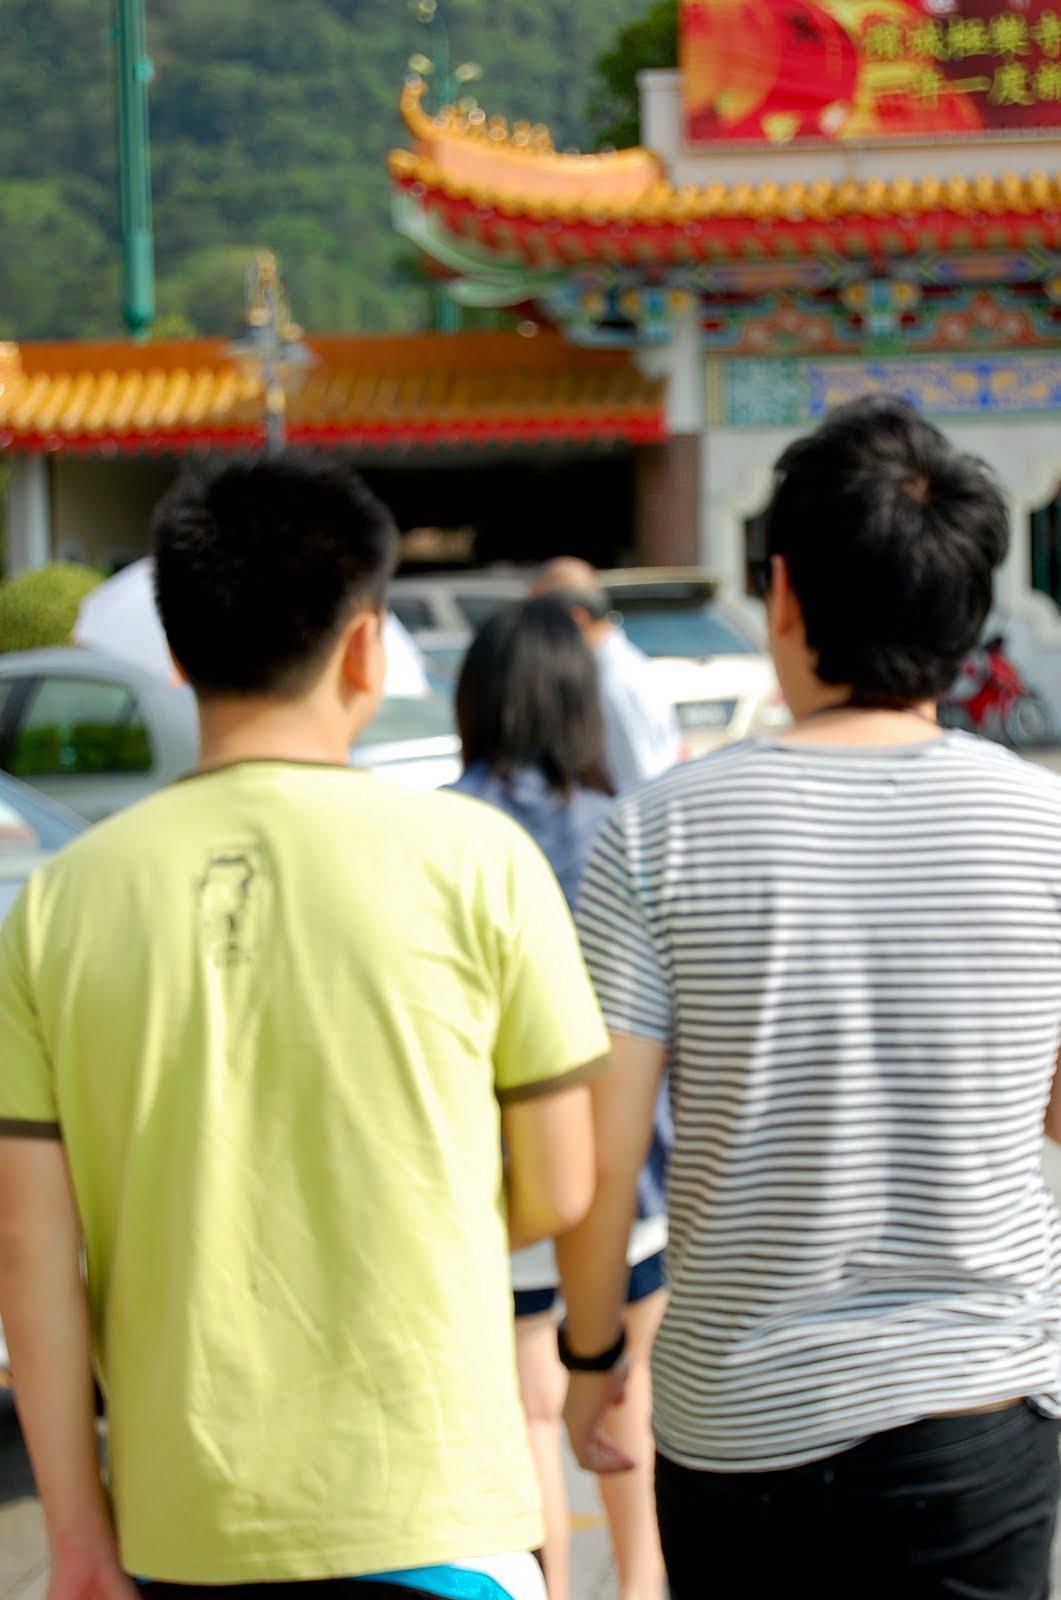 http://3.bp.blogspot.com/_4i5HngzV2GE/S7S9zoUaoHI/AAAAAAAABBA/ud3GzBx7Yp4/s1600/DSC_0061.jpg